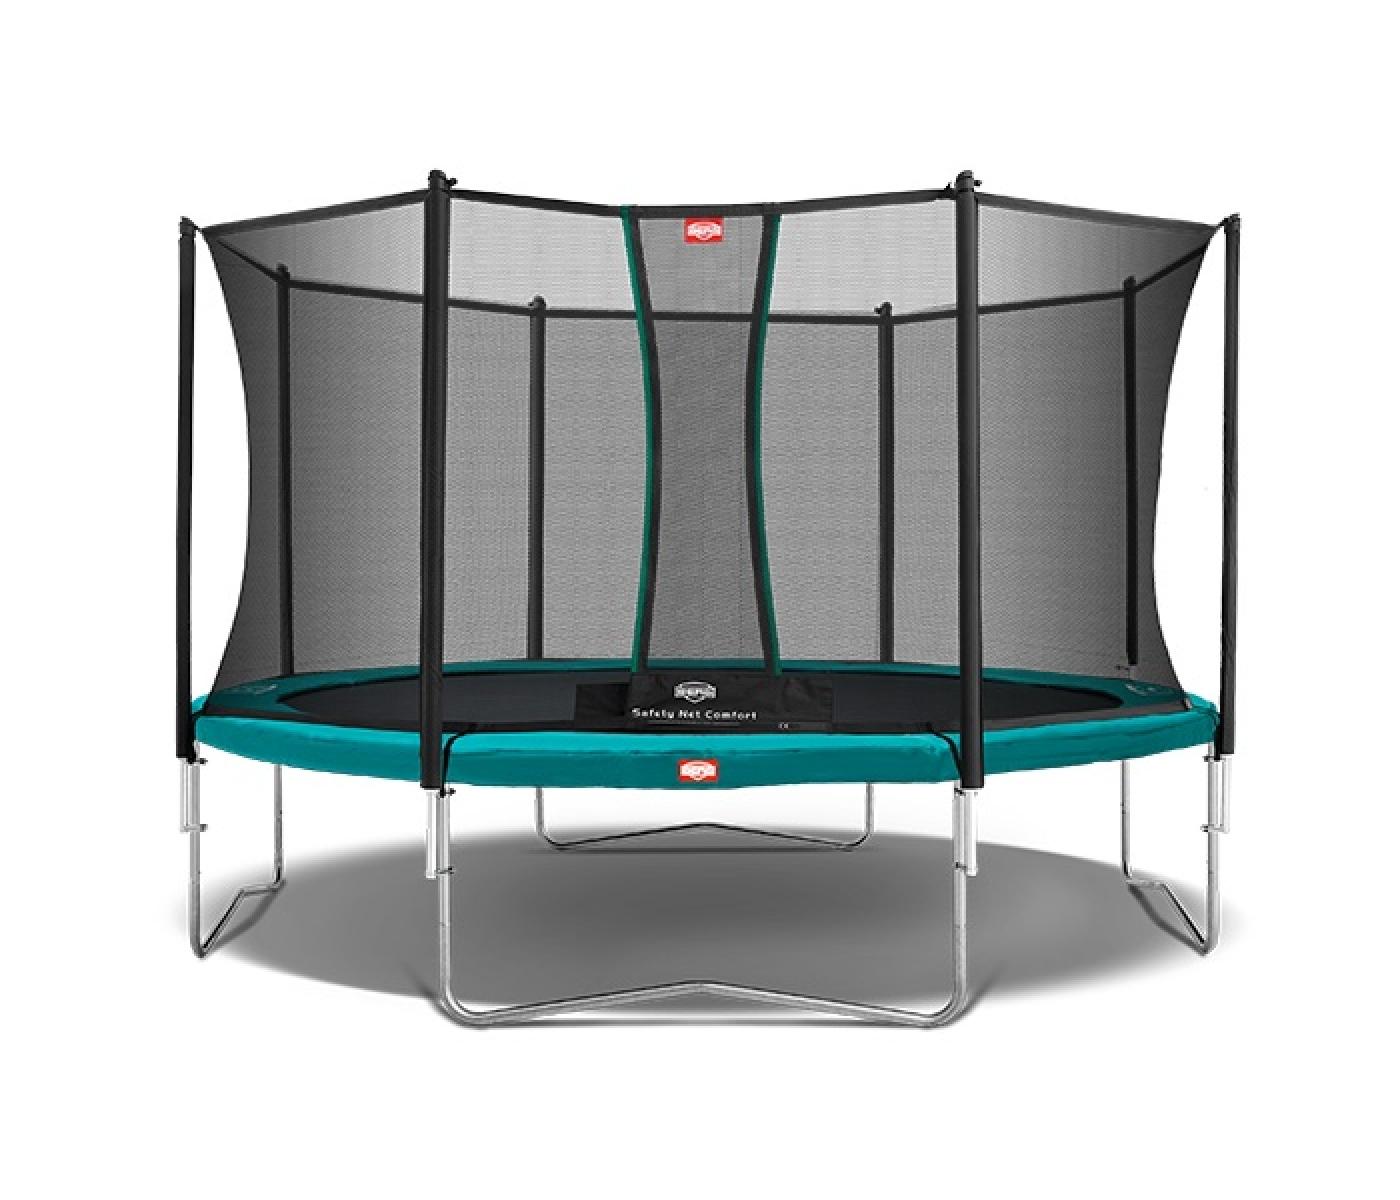 berg favorit trampolin 330 cm inkl comfort sikkerhedsnet. Black Bedroom Furniture Sets. Home Design Ideas